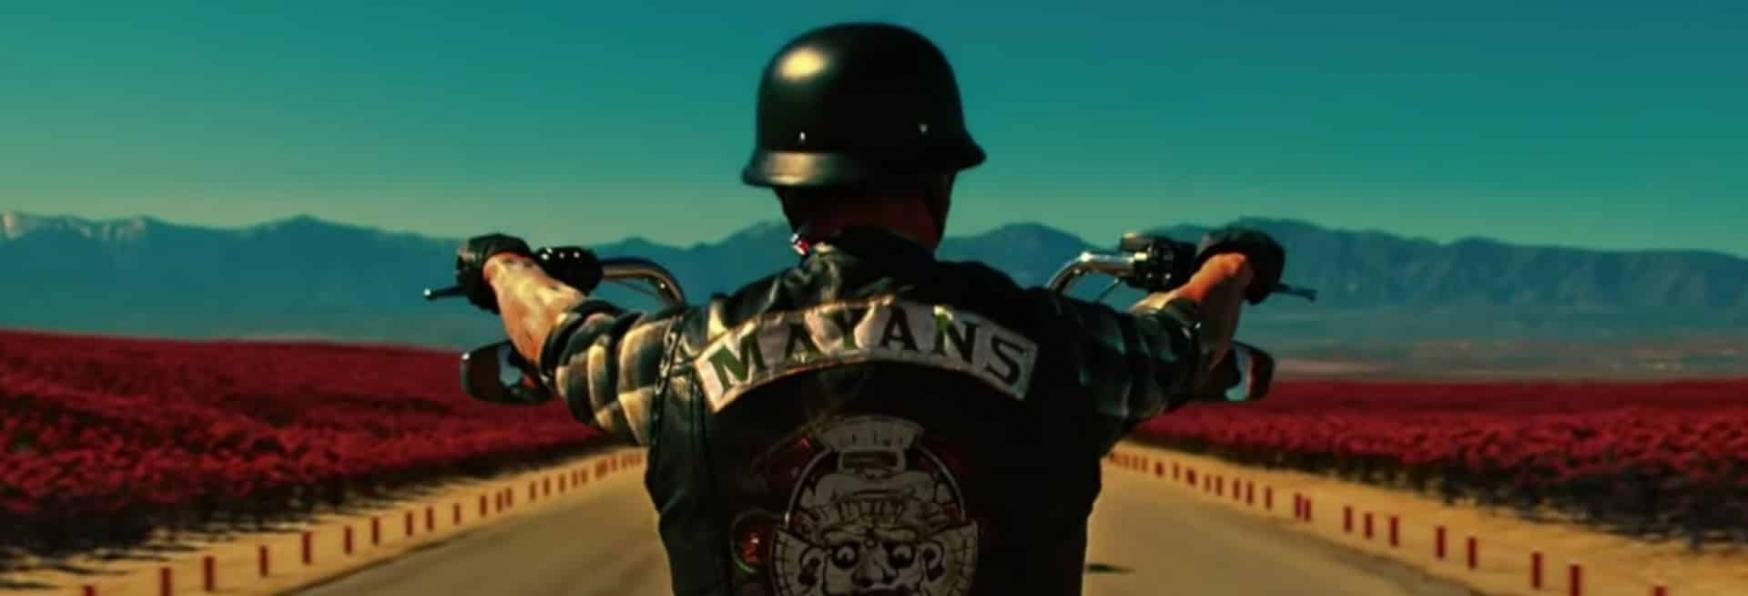 Mayans M.C. 3: Rilasciato il primo Trailer della nuova Stagione